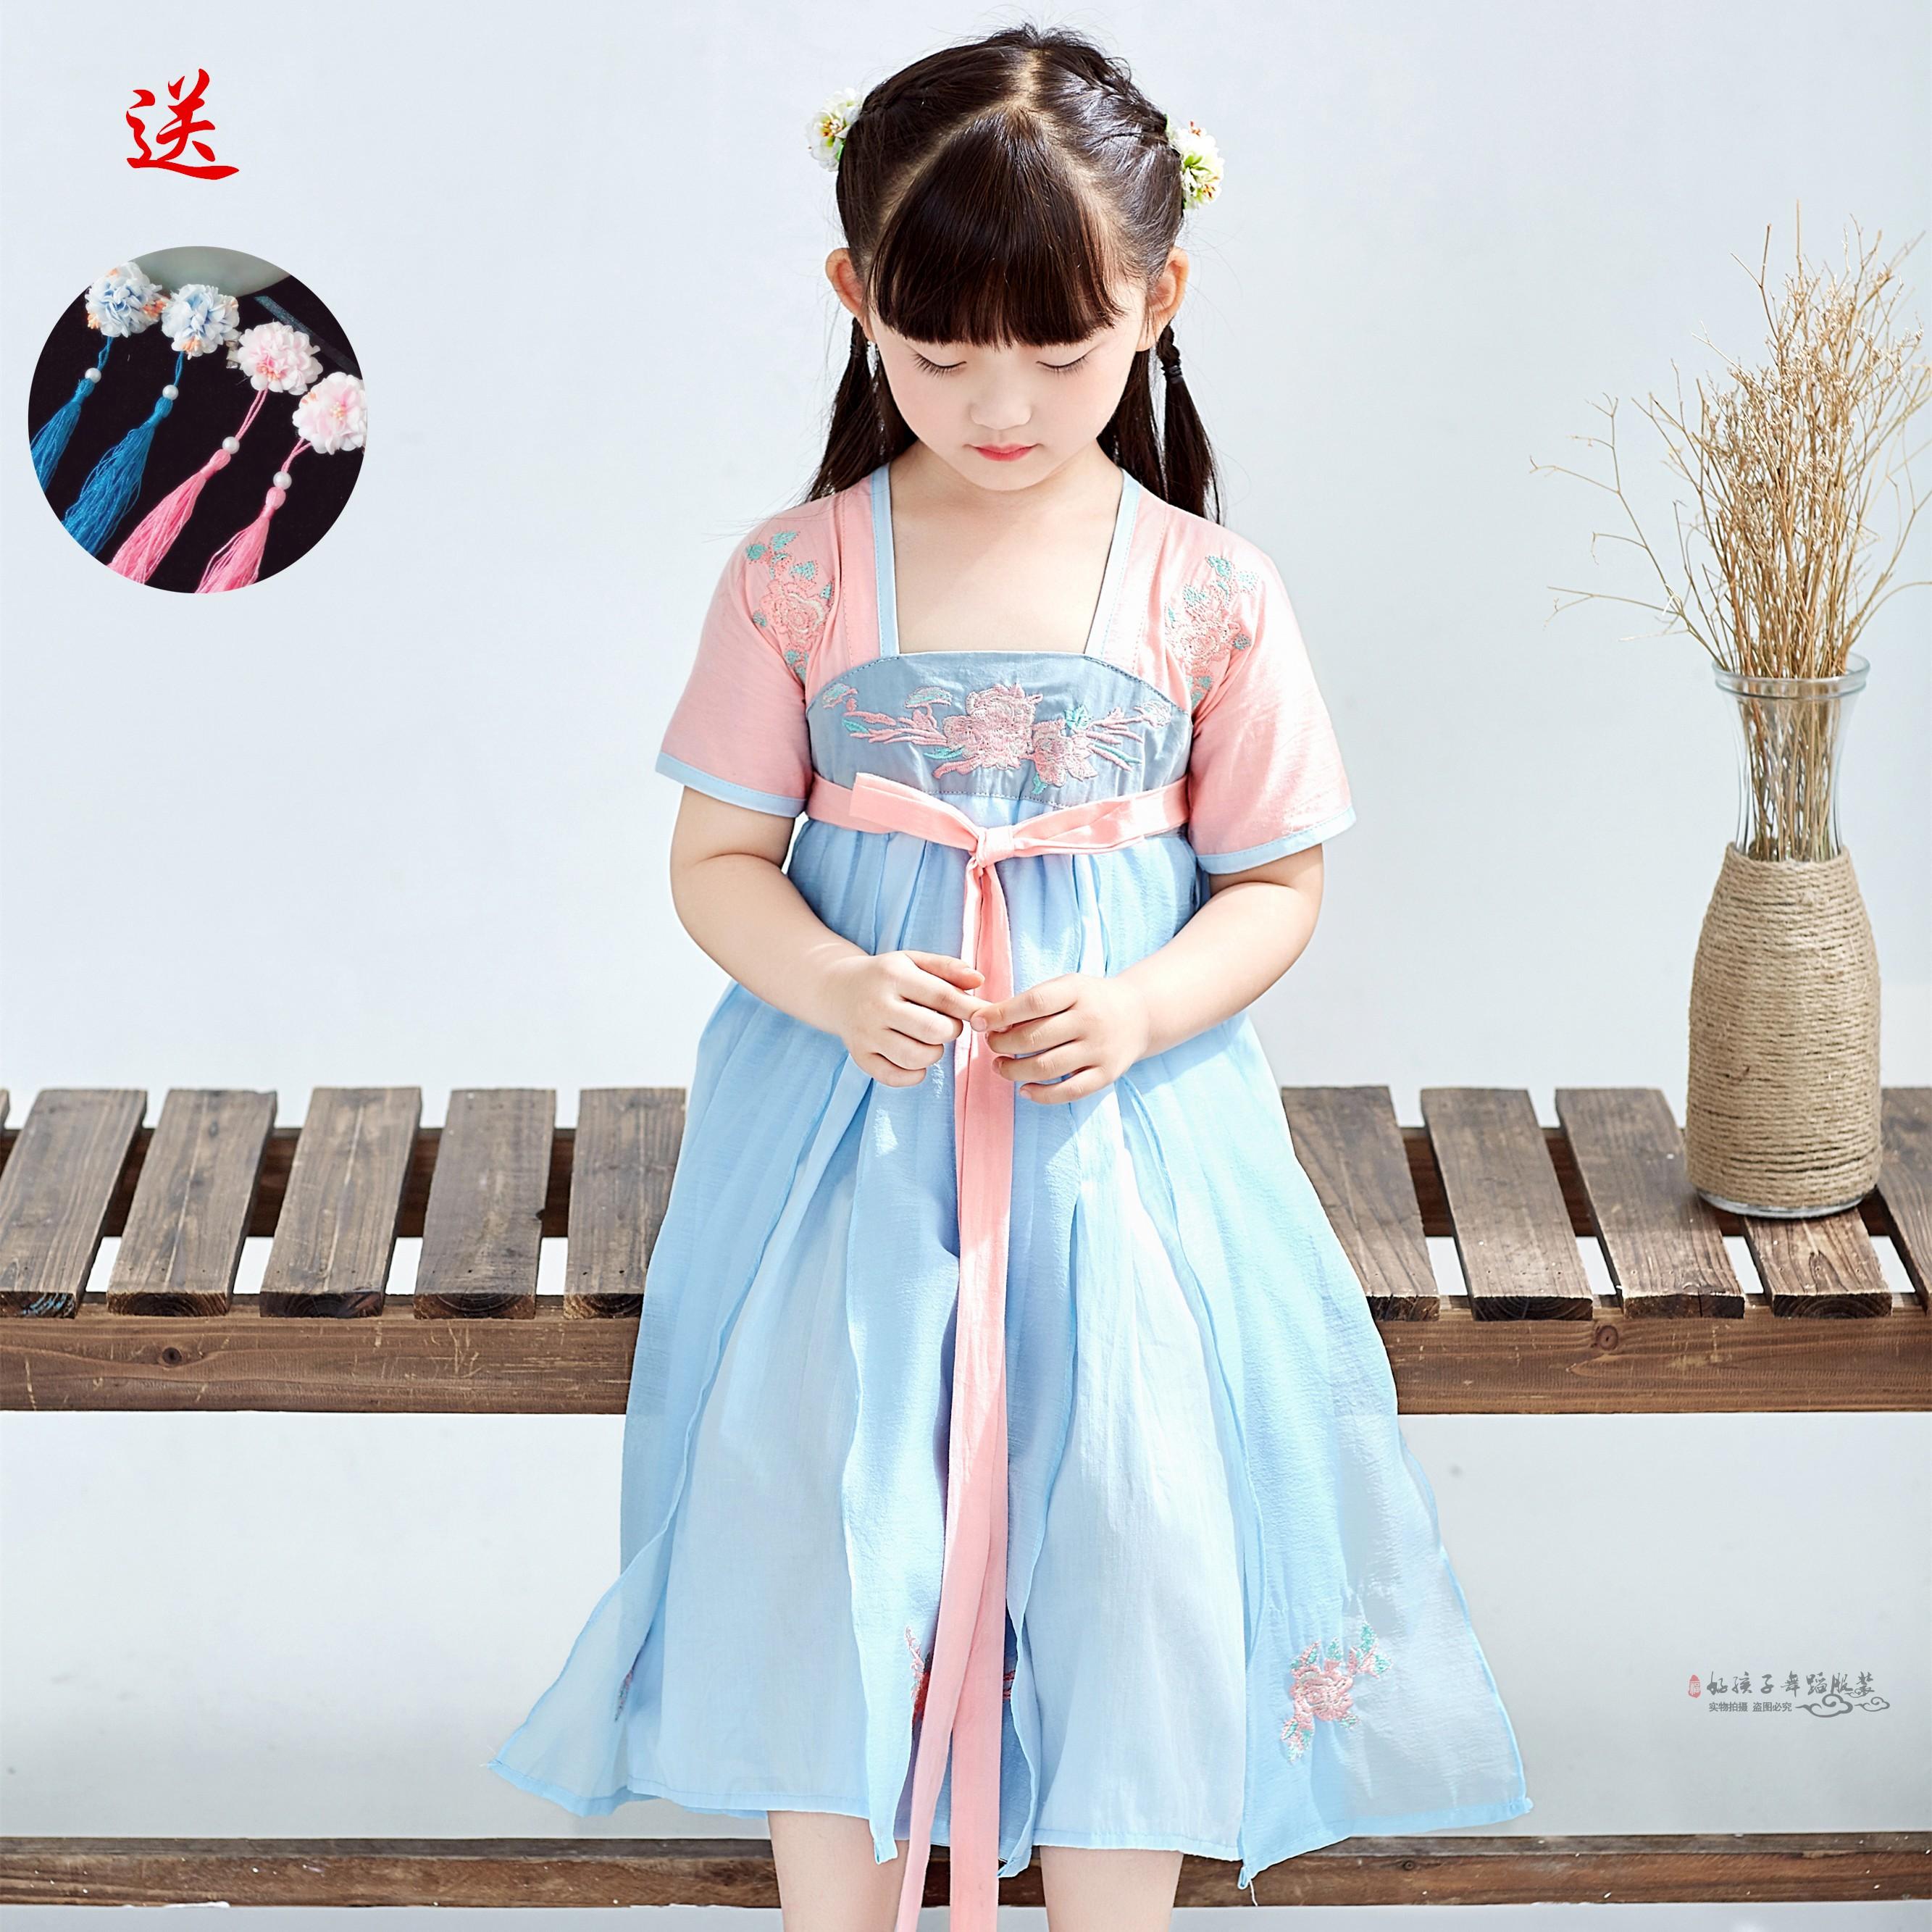 儿童汉服古装写真改良幼儿齐胸襦裙新短袖唐装宝宝连衣裙刺绣汉服